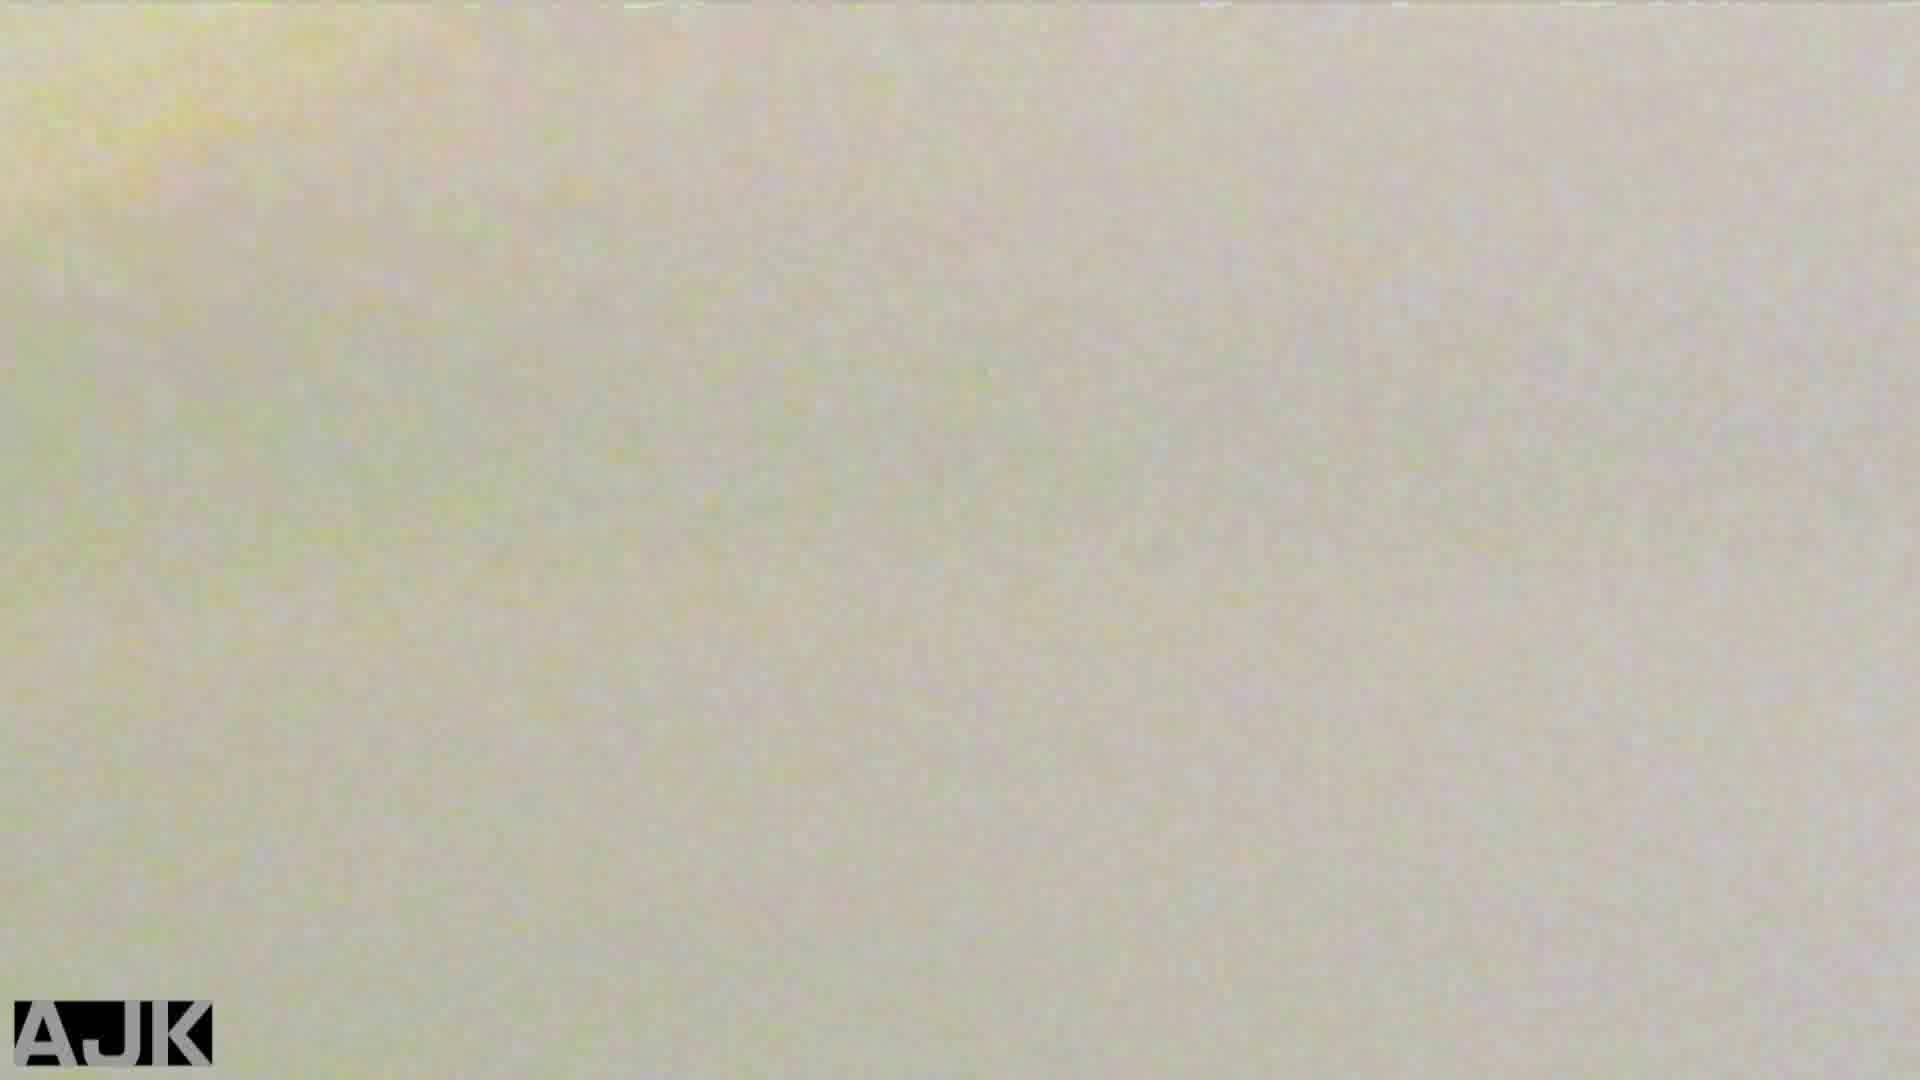 隣国上階級エリアの令嬢たちが集うデパートお手洗い Vol.19 盗撮・必見 アダルト動画キャプチャ 36画像 14